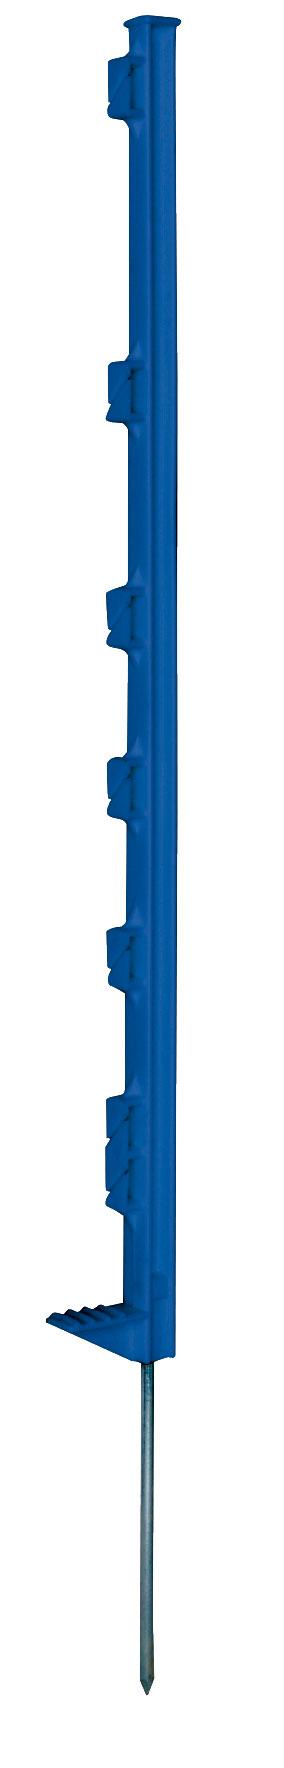 Weidezaunpfahl WZ 1000/70 B K (blau)